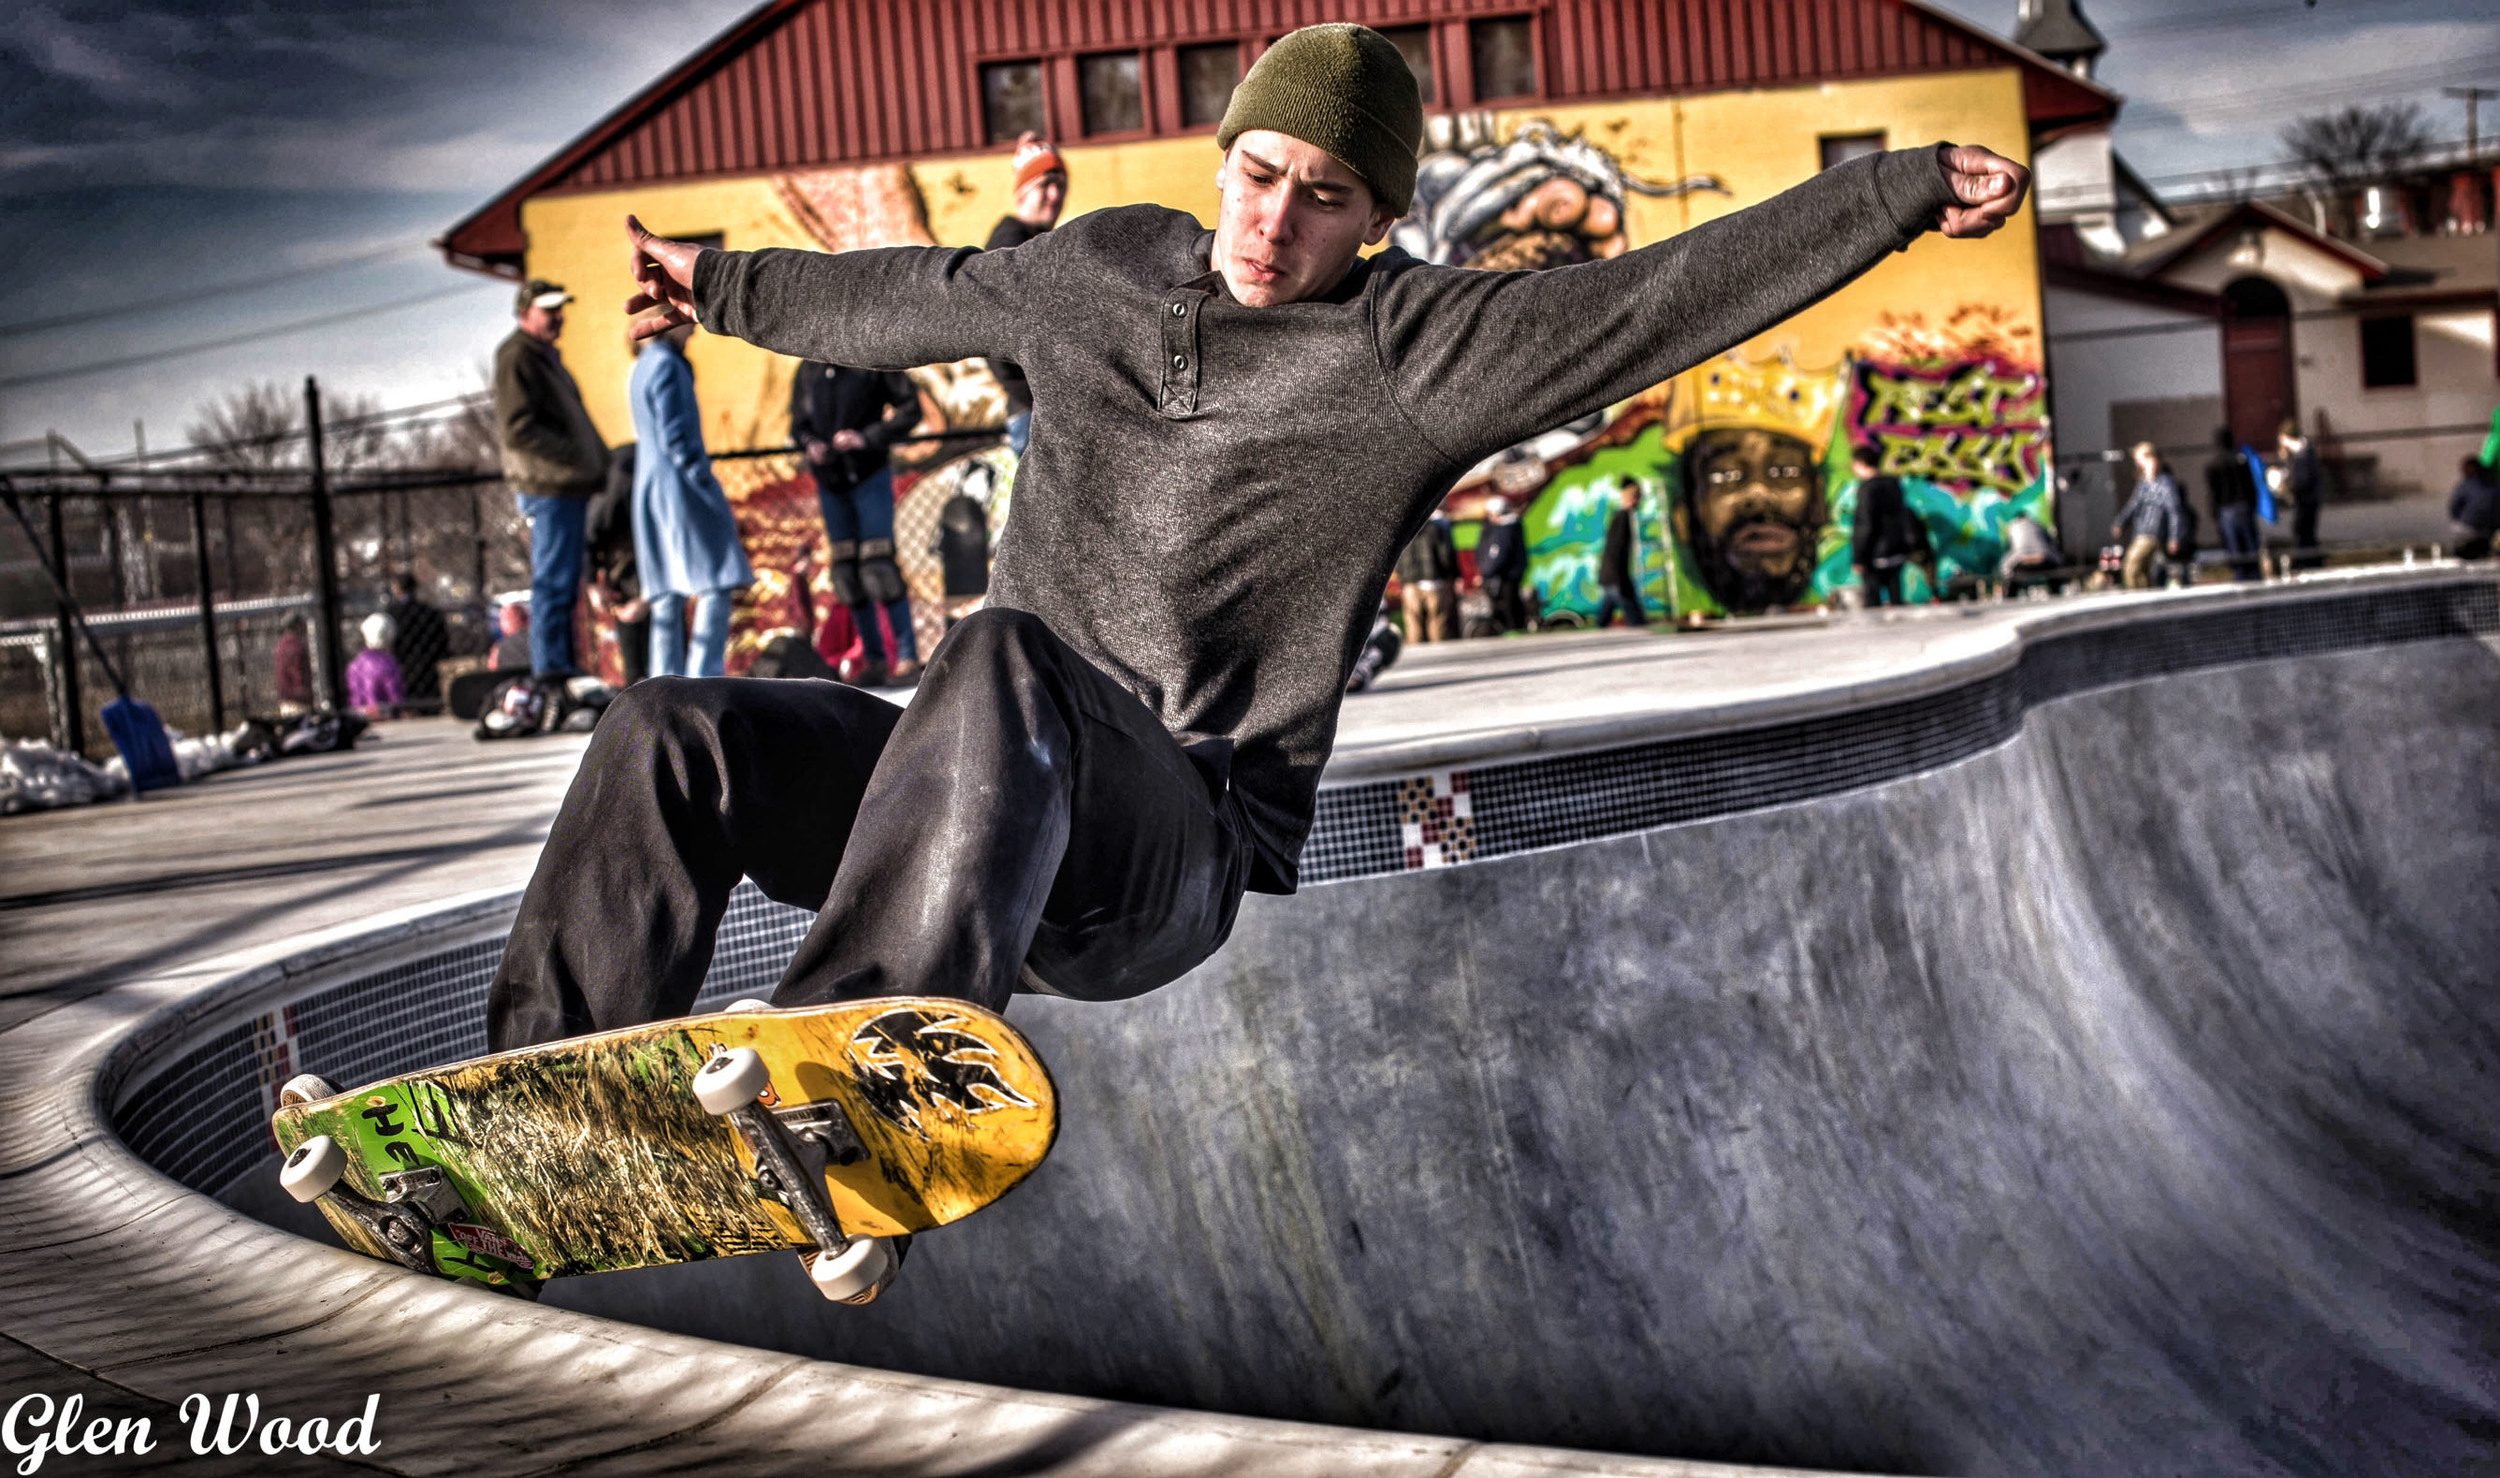 Skater 2.JPG.jpeg